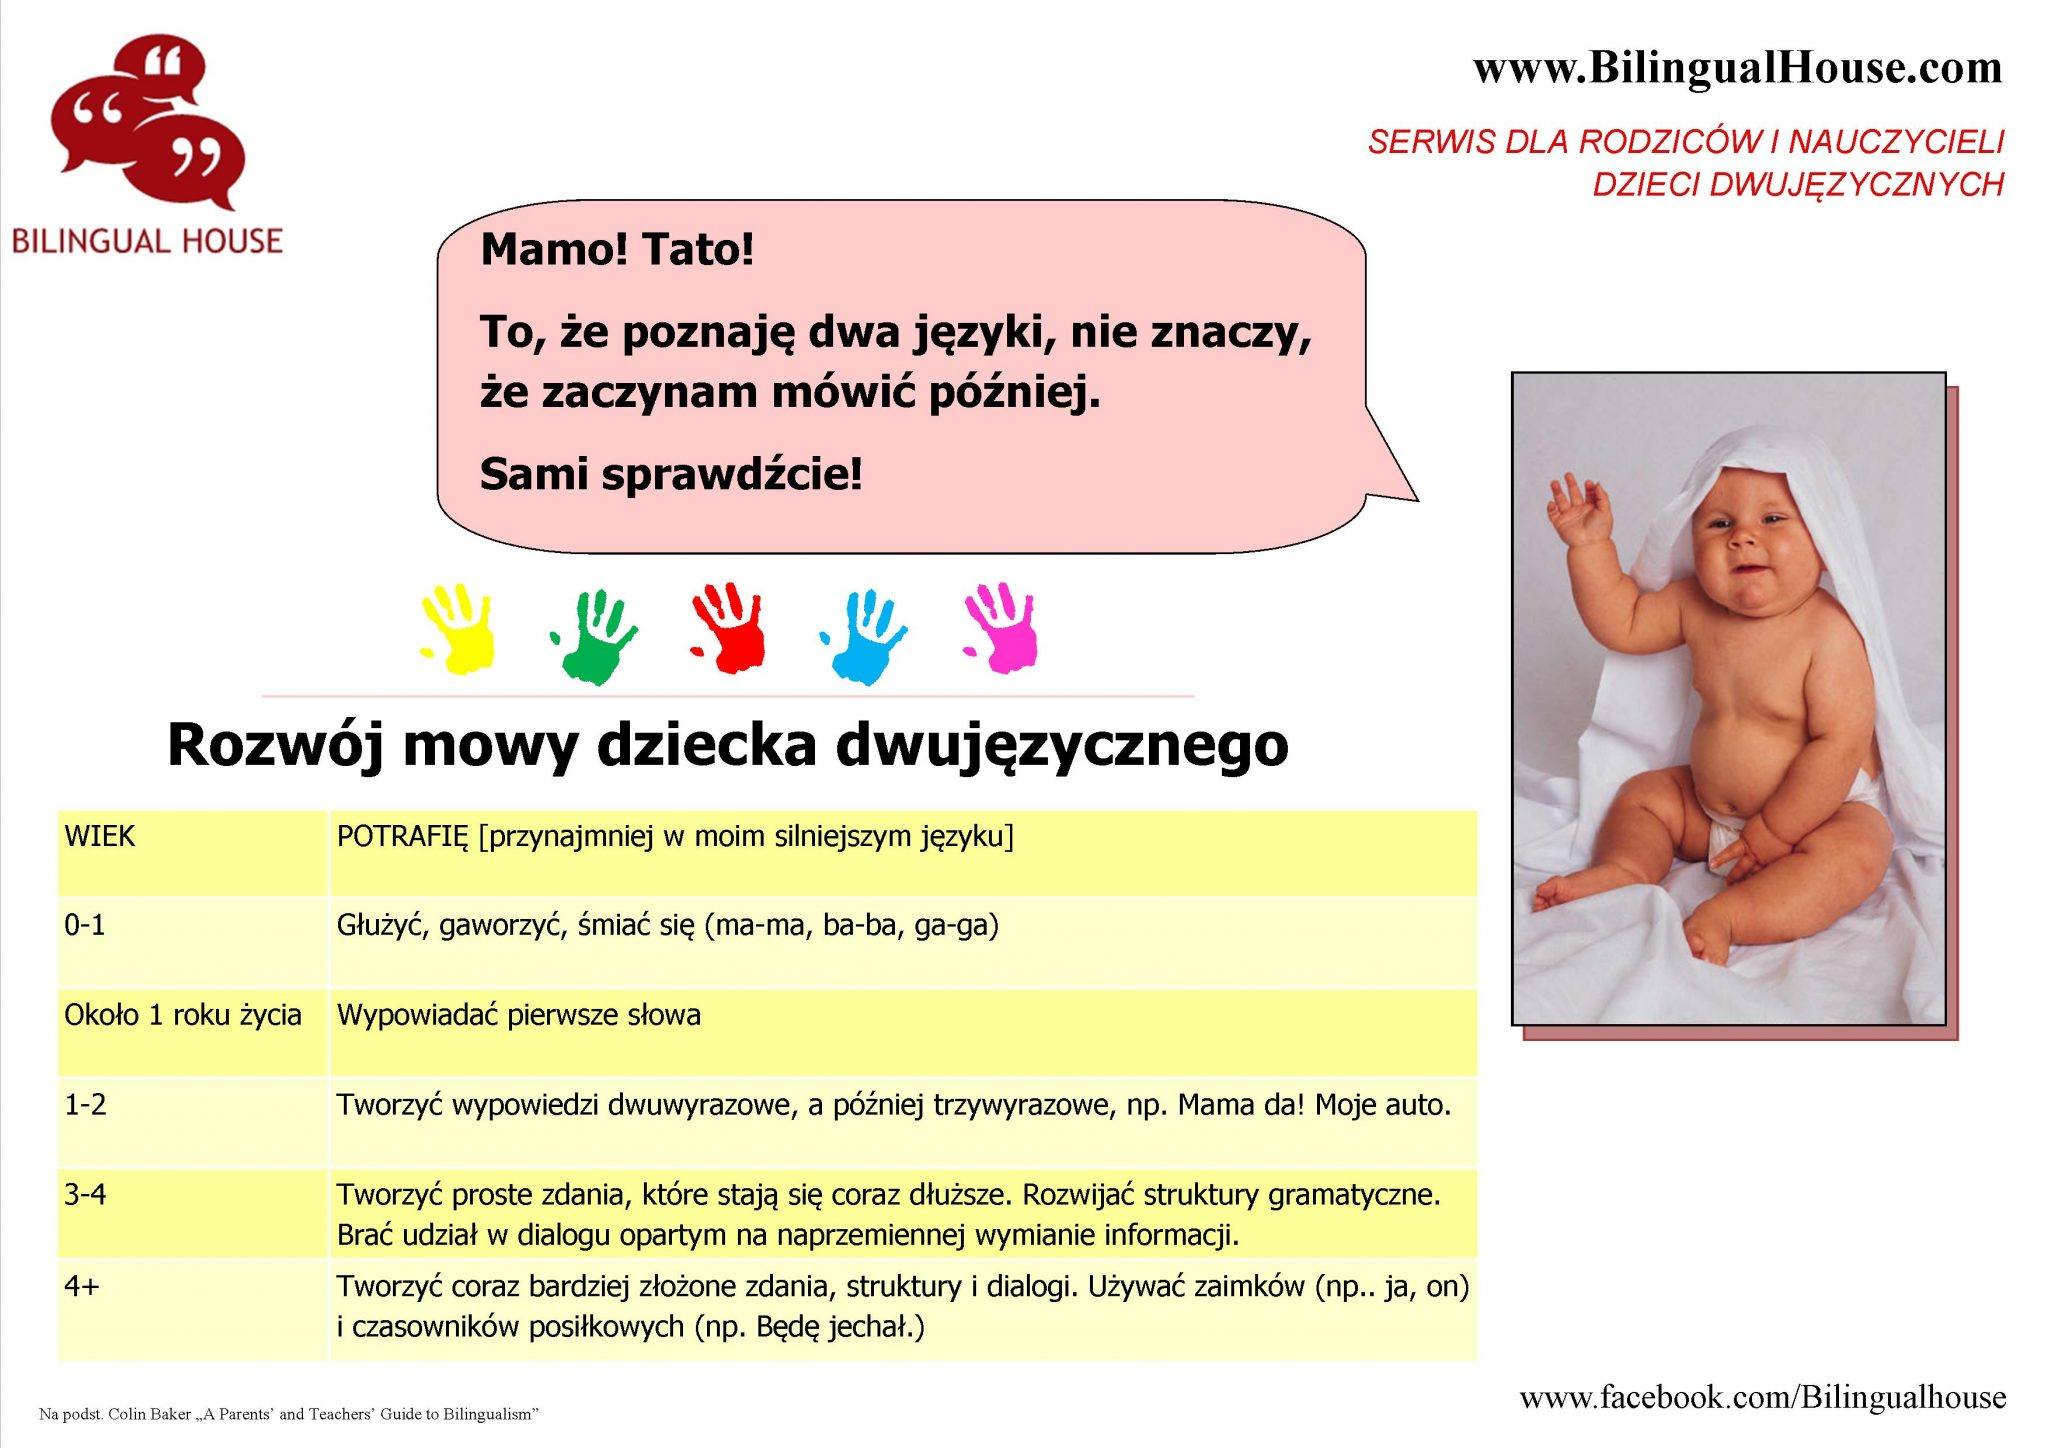 rozwój mowy dziecka dwujęzycznego